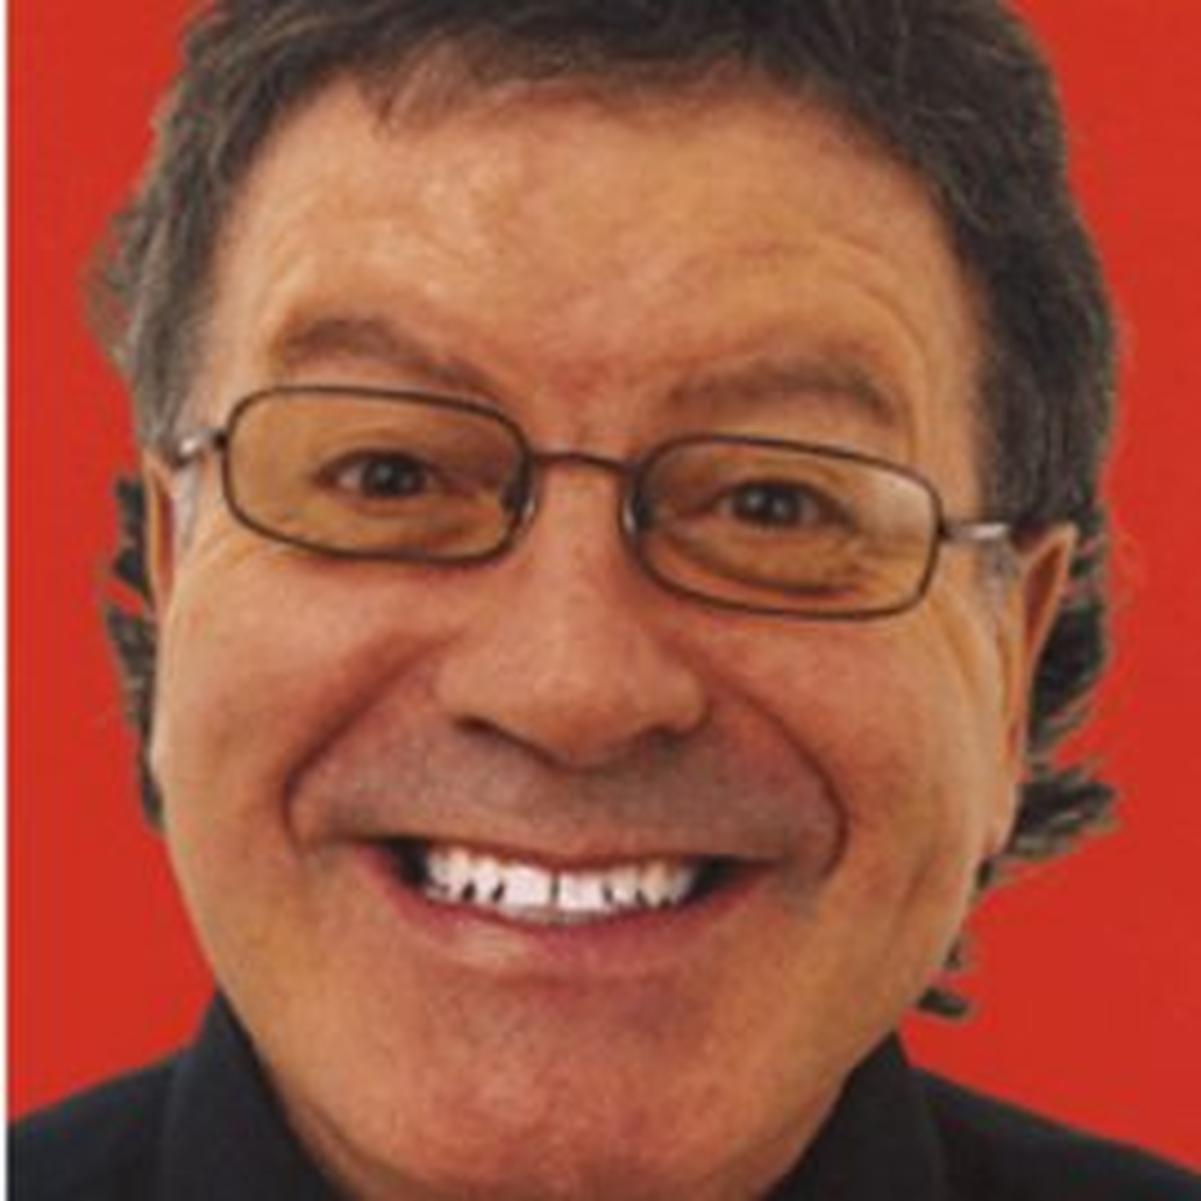 Yanky Fachler